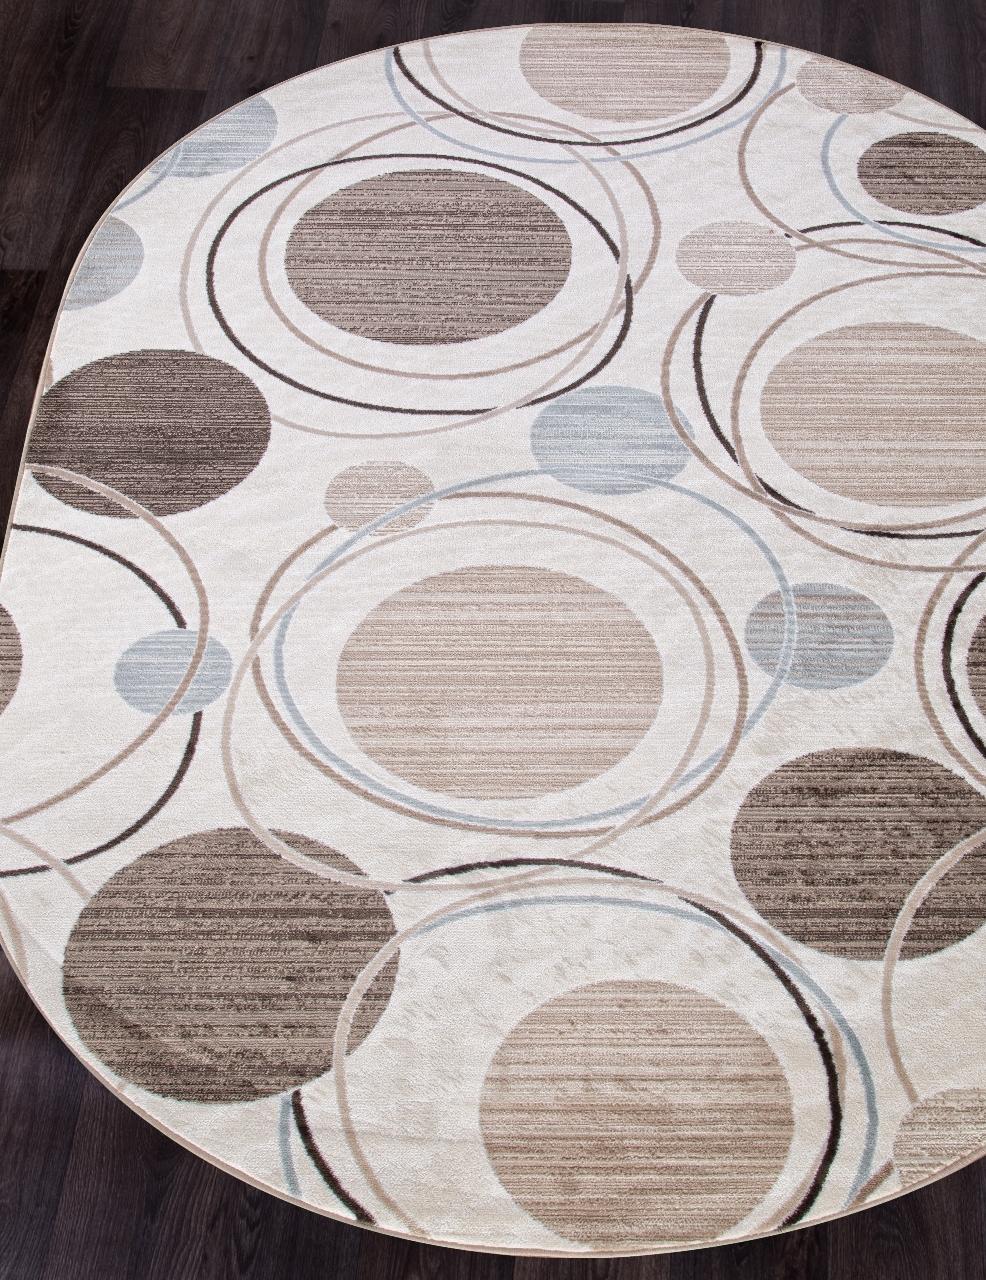 Ковер d301 - CREAM-BROWN - Овал - коллекция VALENCIA DELUXE